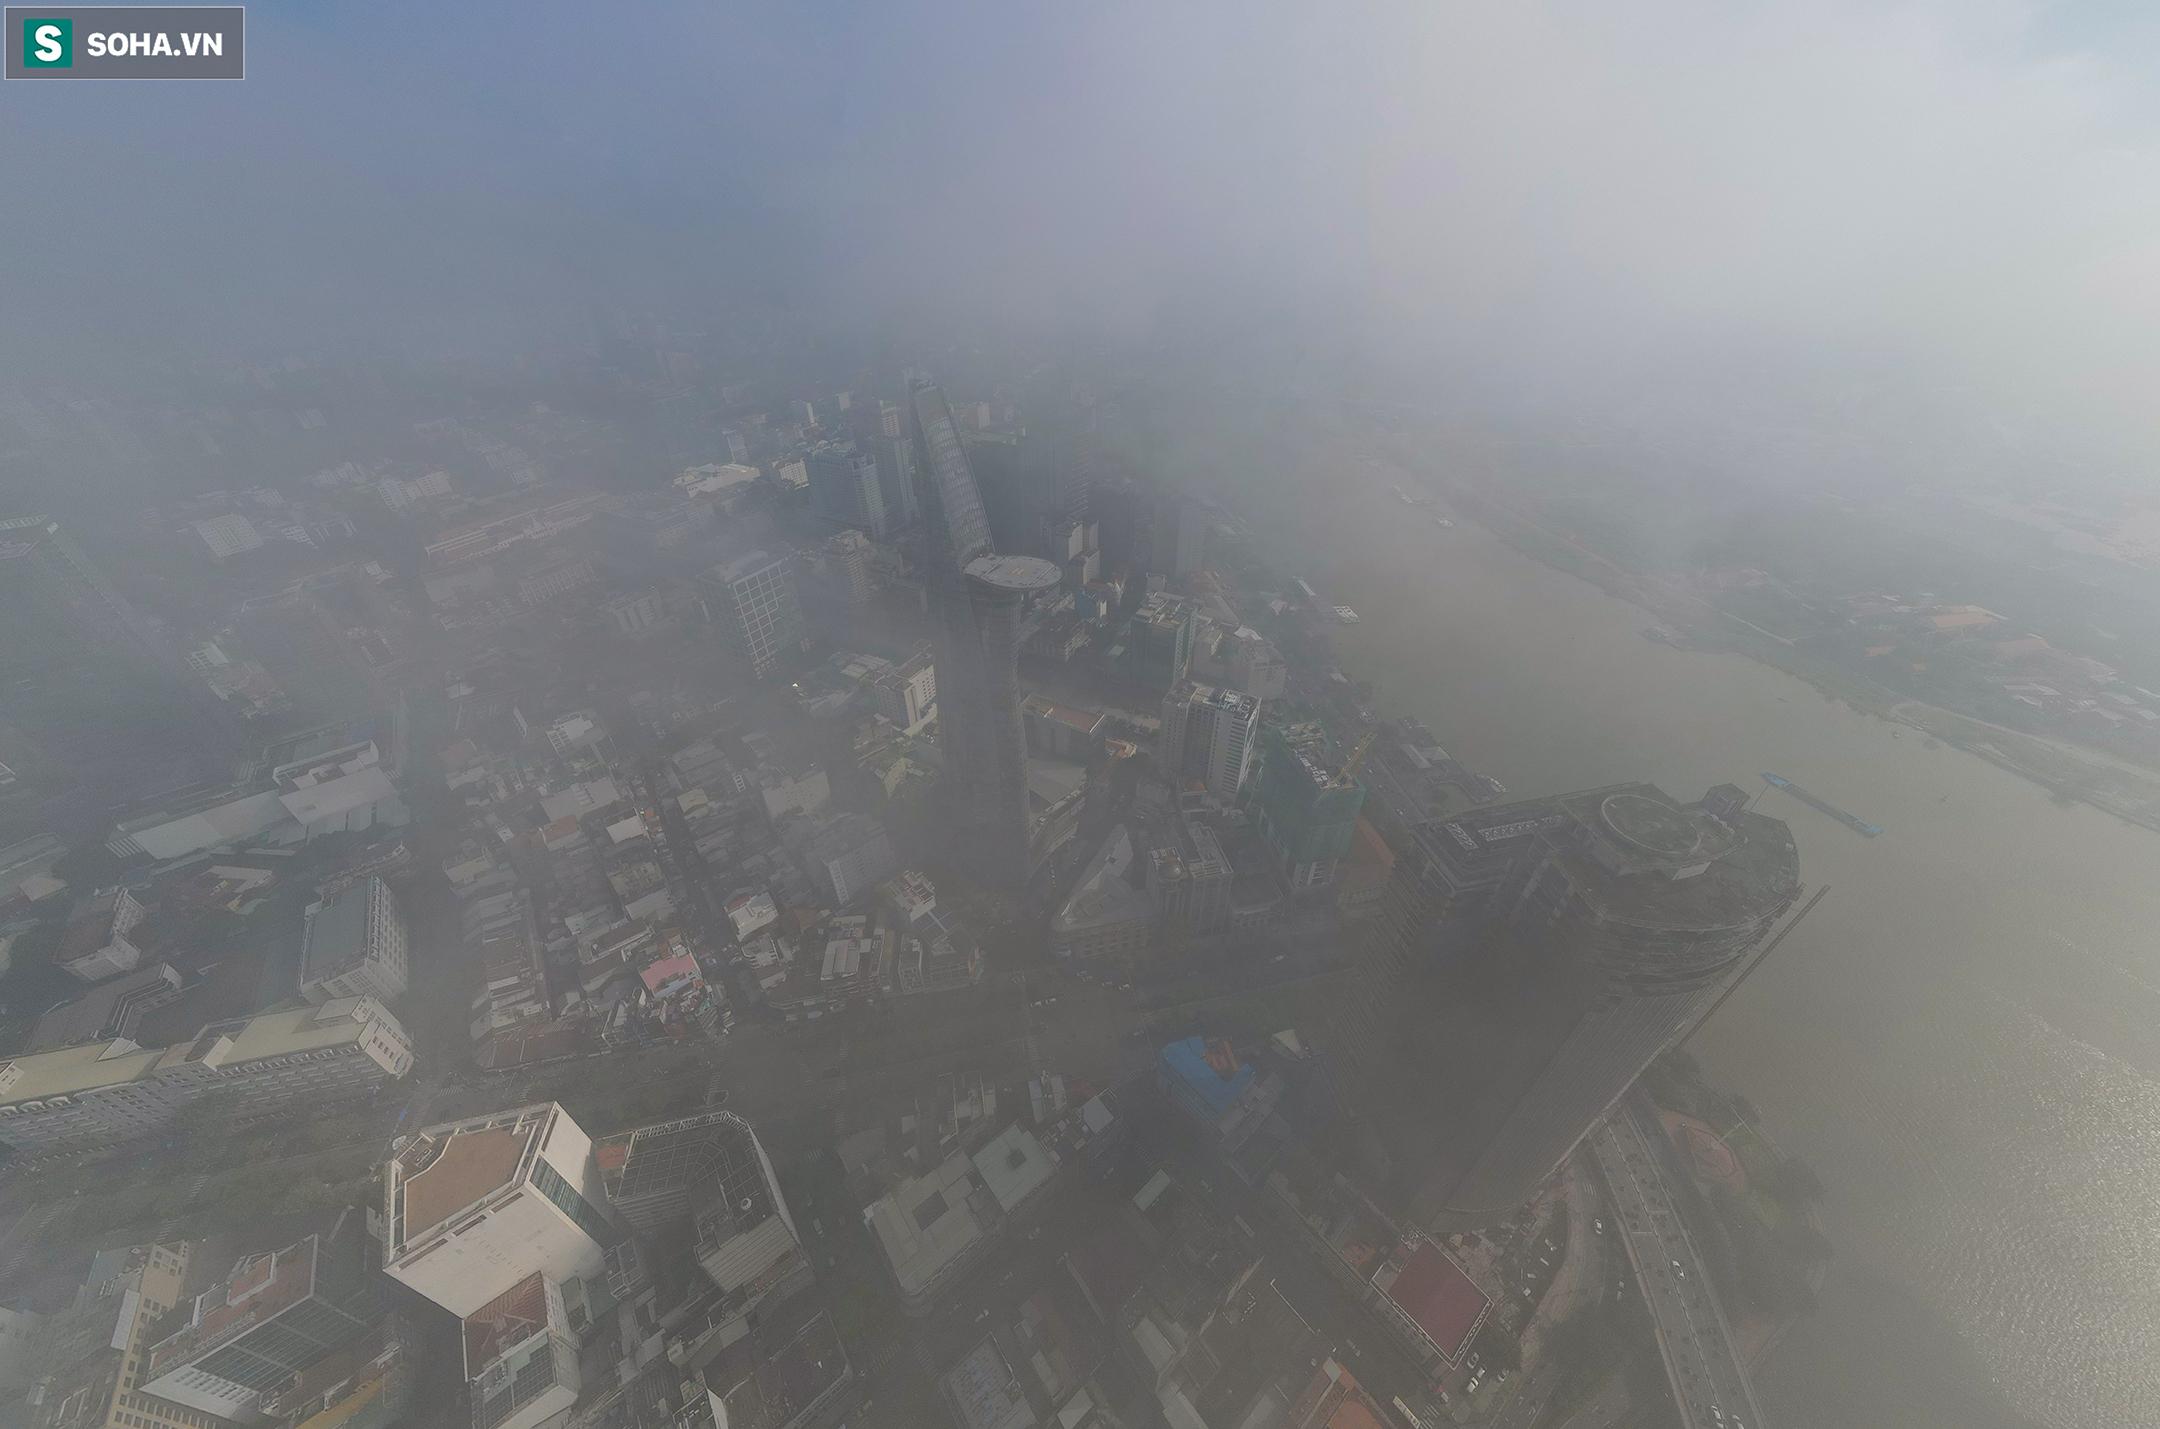 [Ảnh] Chất lượng không khí báo động đỏ, nhiều toà cao ốc ở TP.HCM bất ngờ biến mất trong sáng đầu tuần - Ảnh 10.